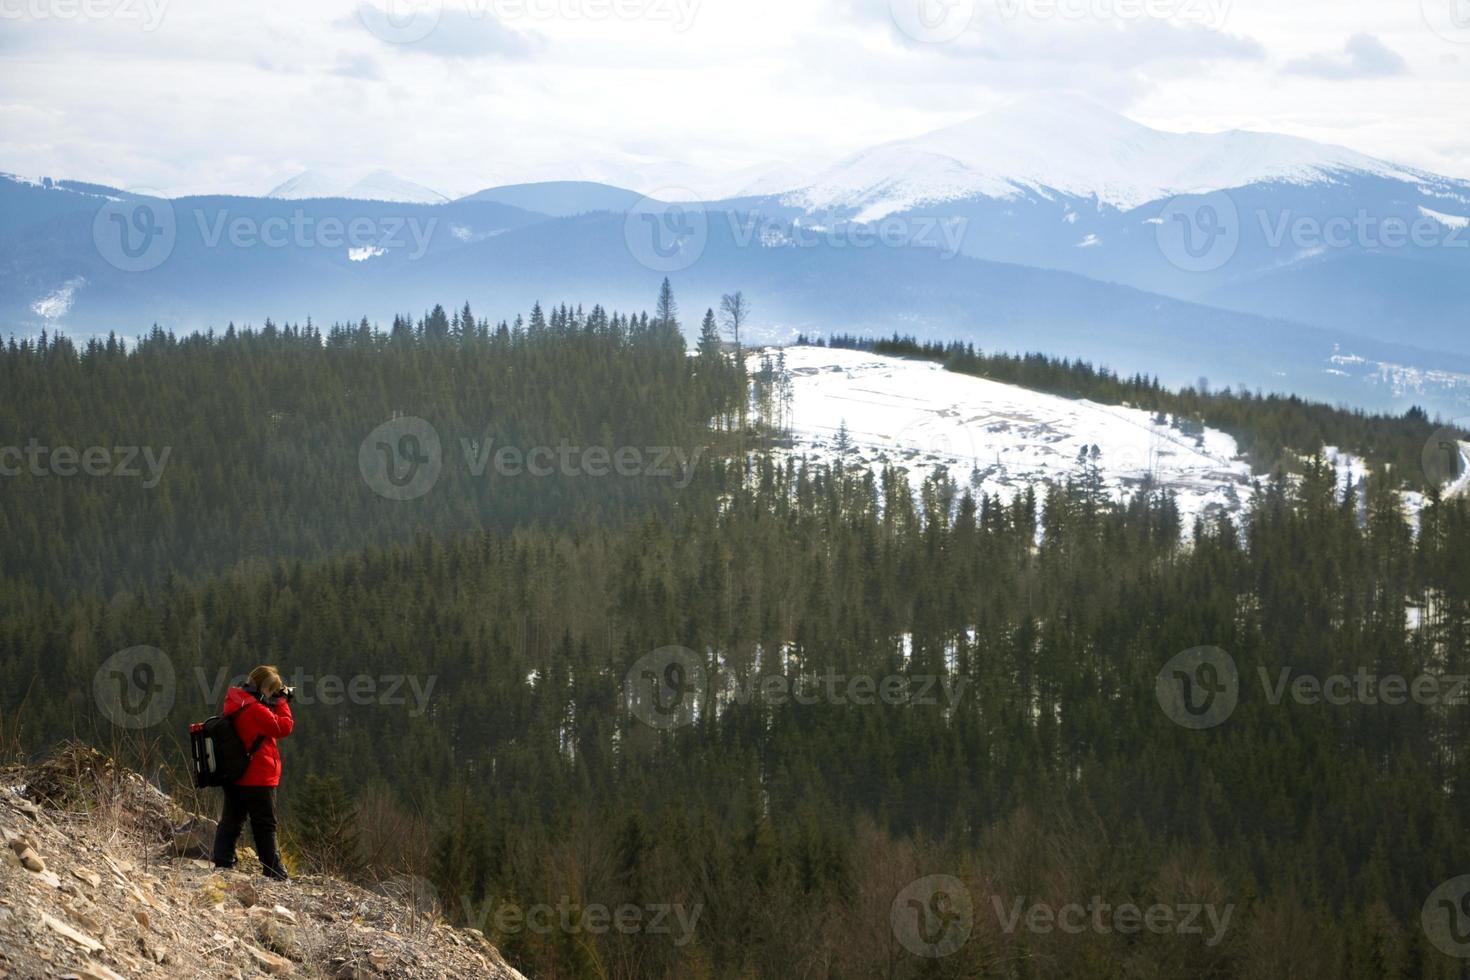 Fotograf mit Bergen und Himmelhintergrund foto